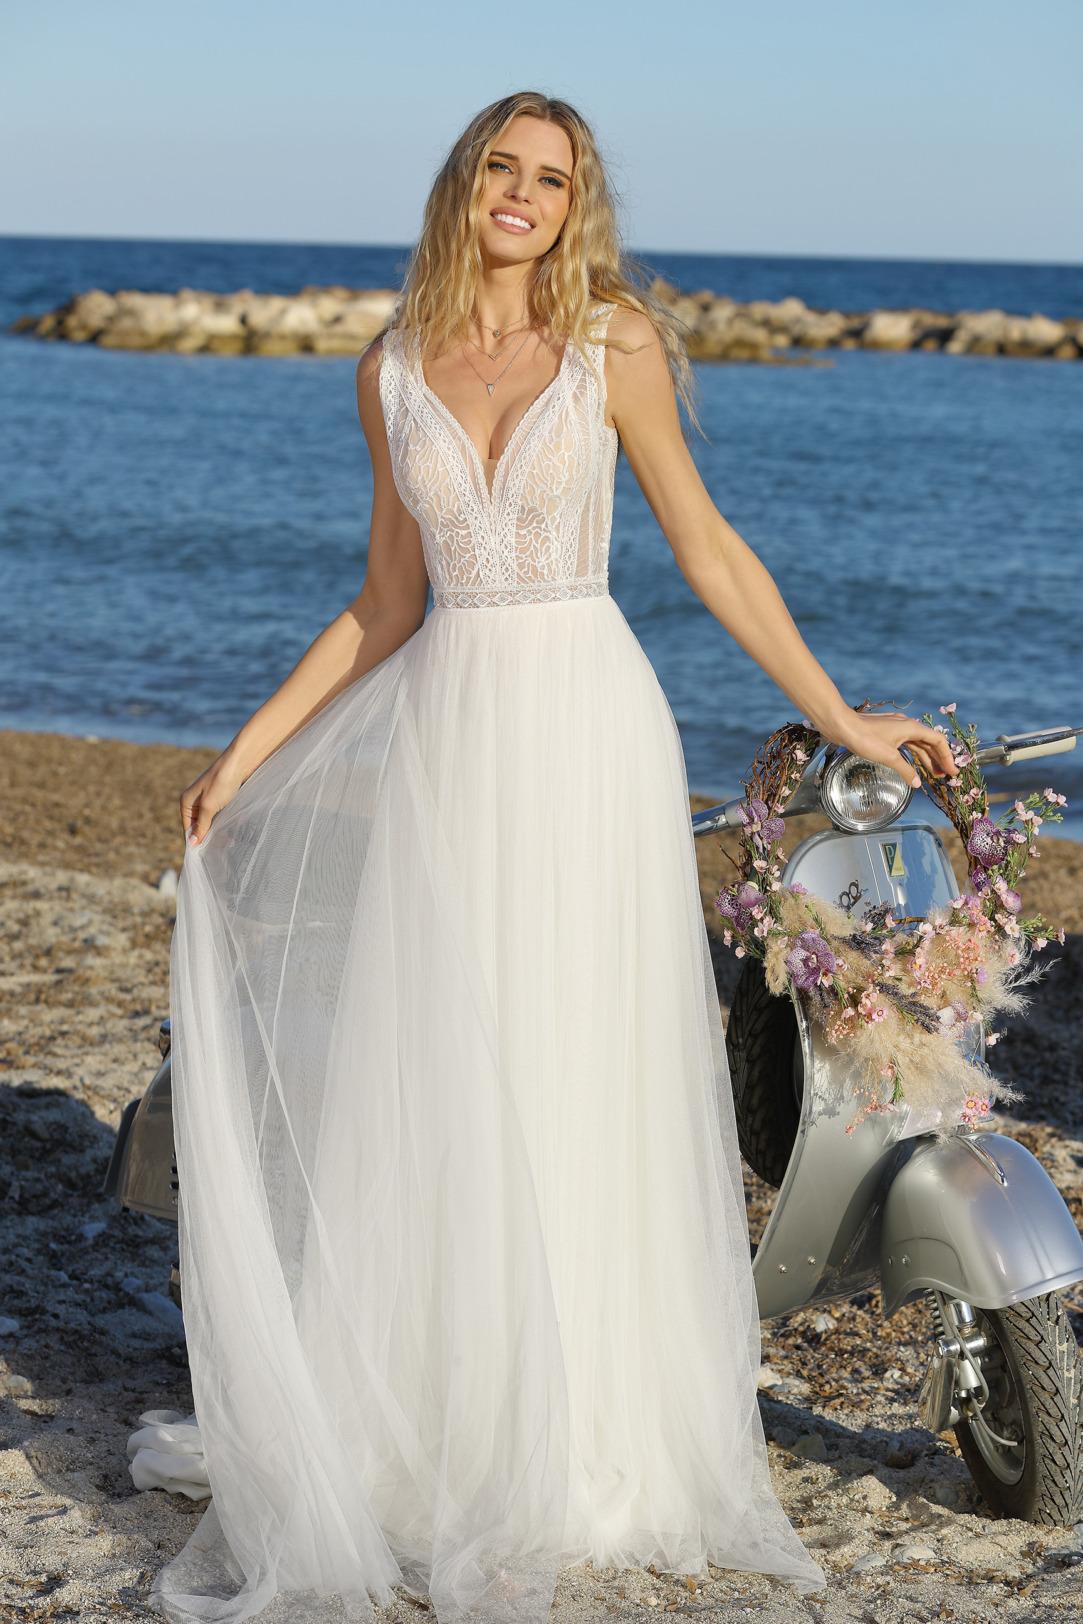 Brautkleid im Empire Stil mit transparenter feiner Spitze und V Ausschnitt. Hochzeitskleid im Vintage Stil von Ladybird Modell 321044